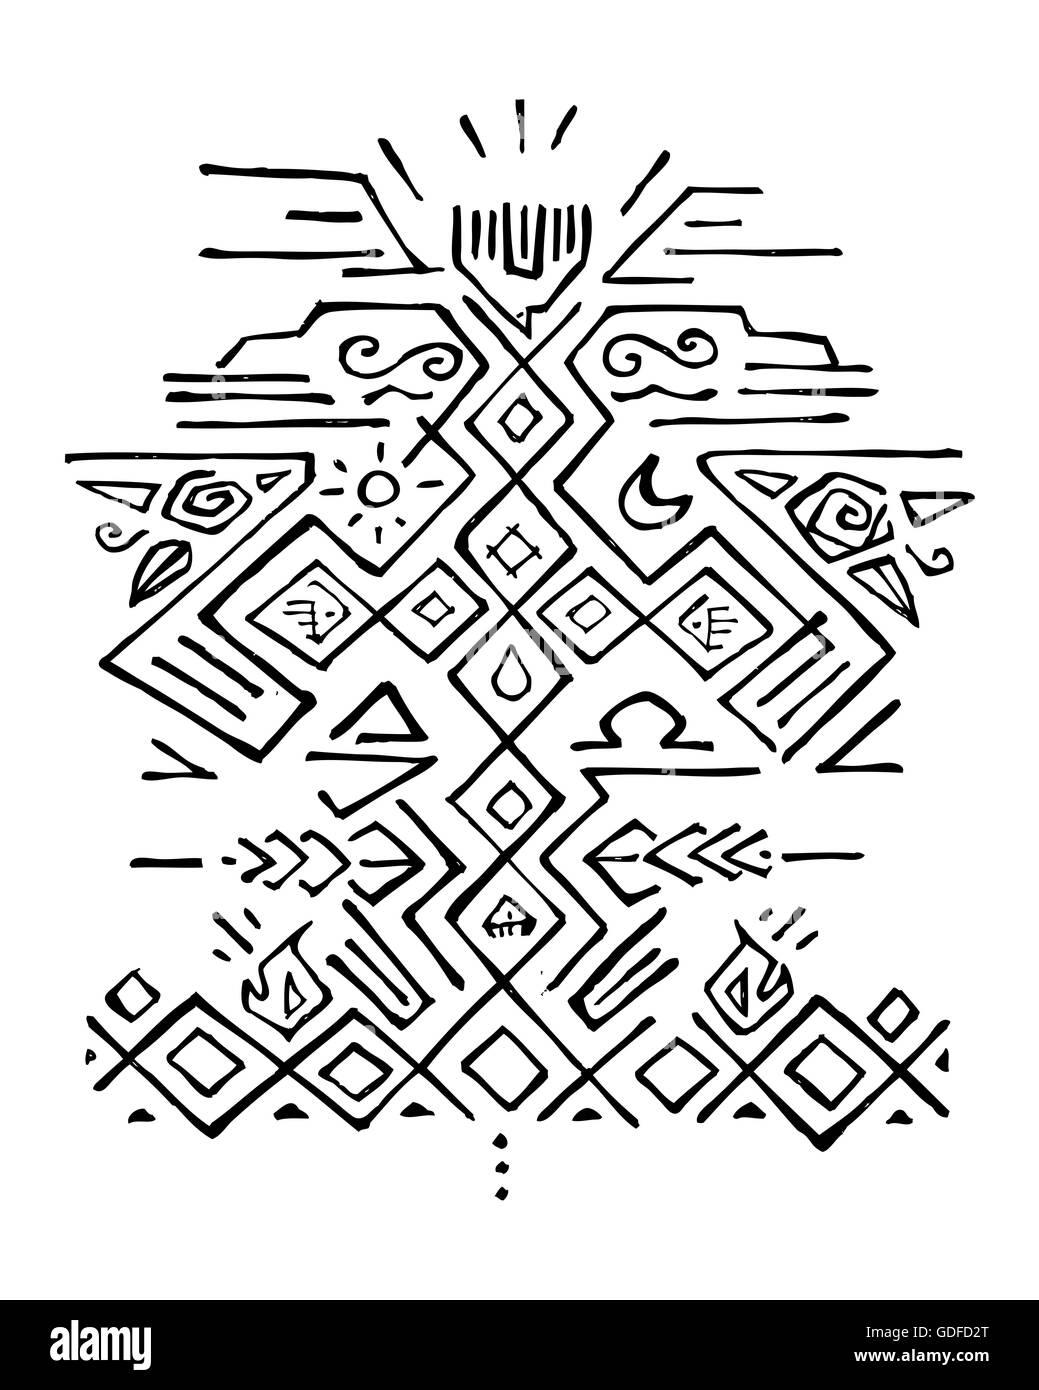 ilustração do vetor desenhado à mão ou desenho de alguns símbolos